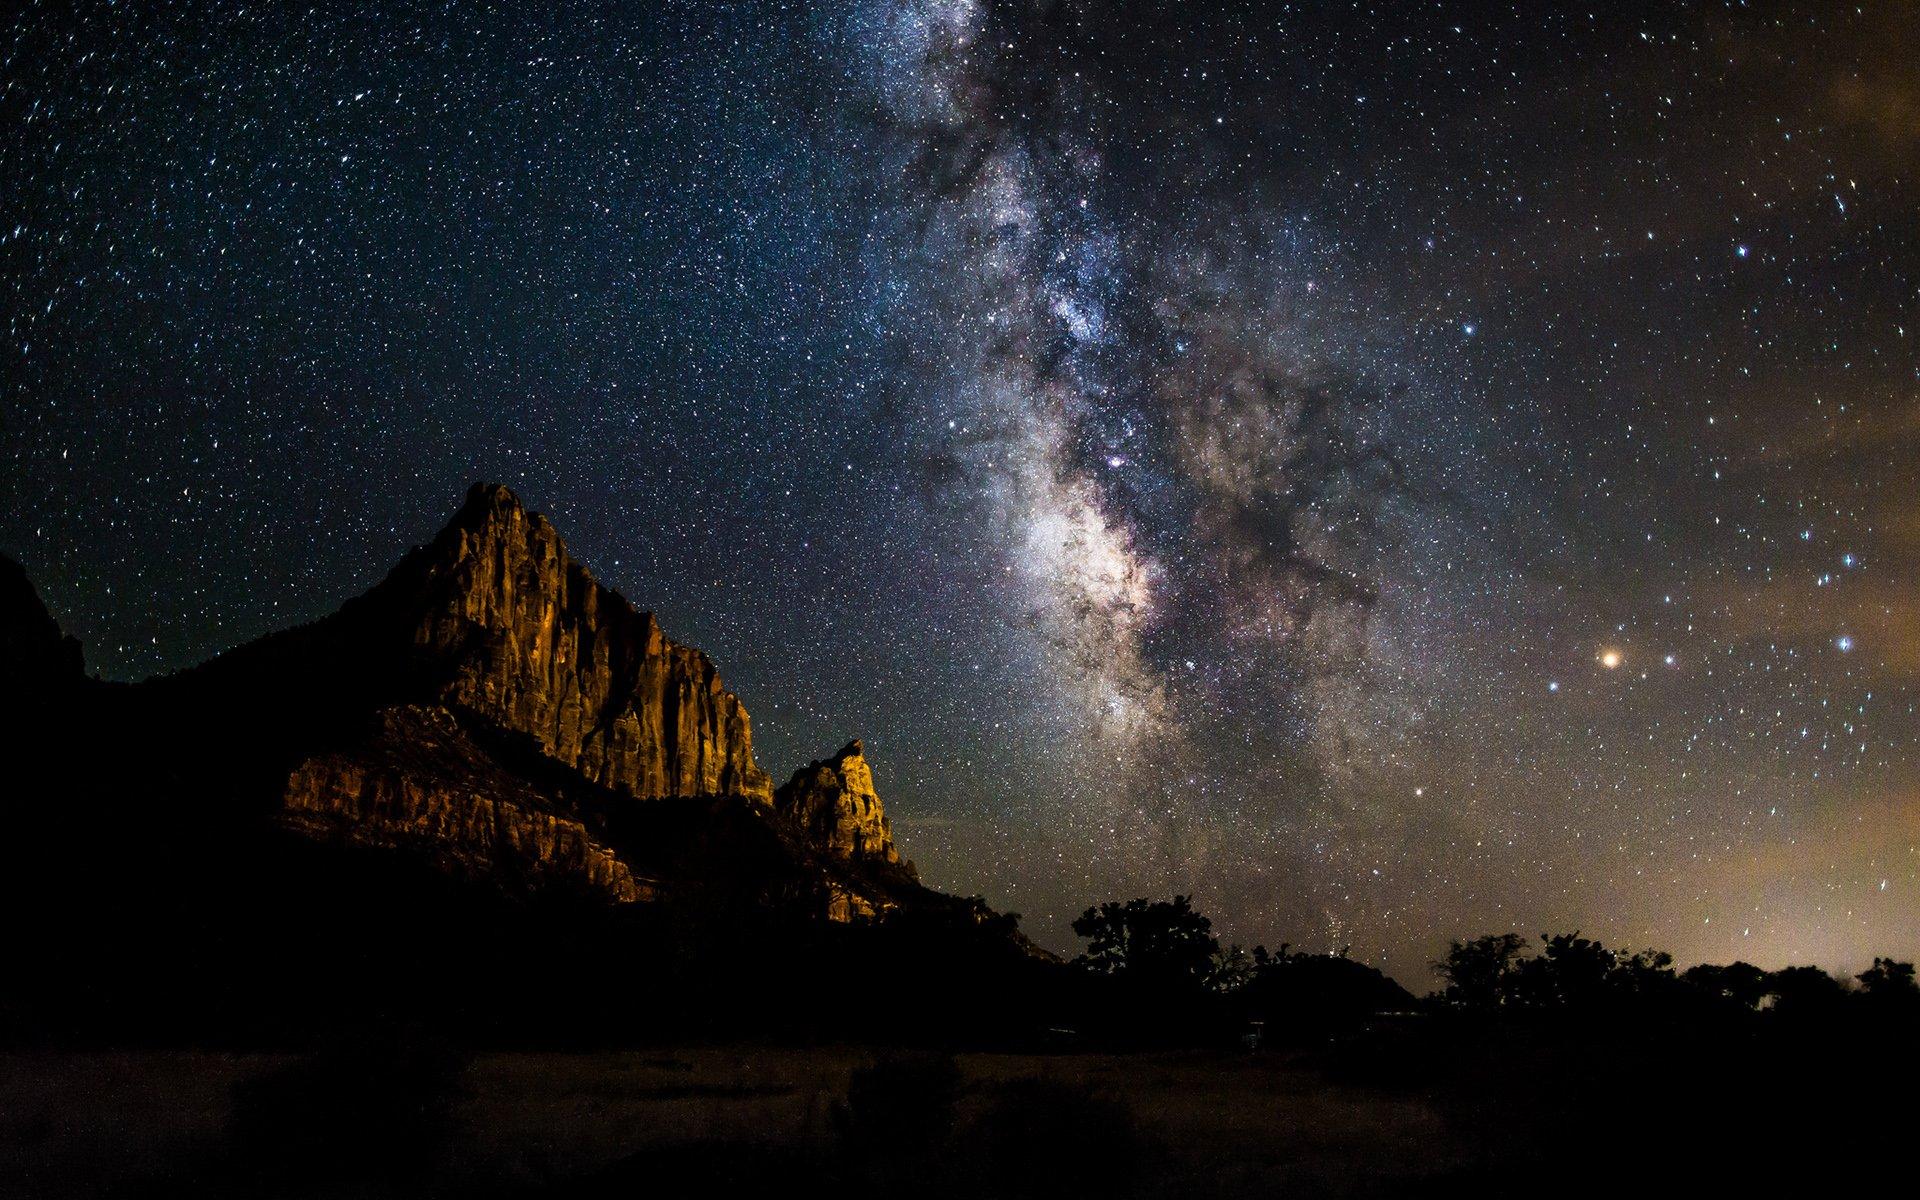 Amazing Milky Way Wallpapers: Milky Way HD Wallpaper